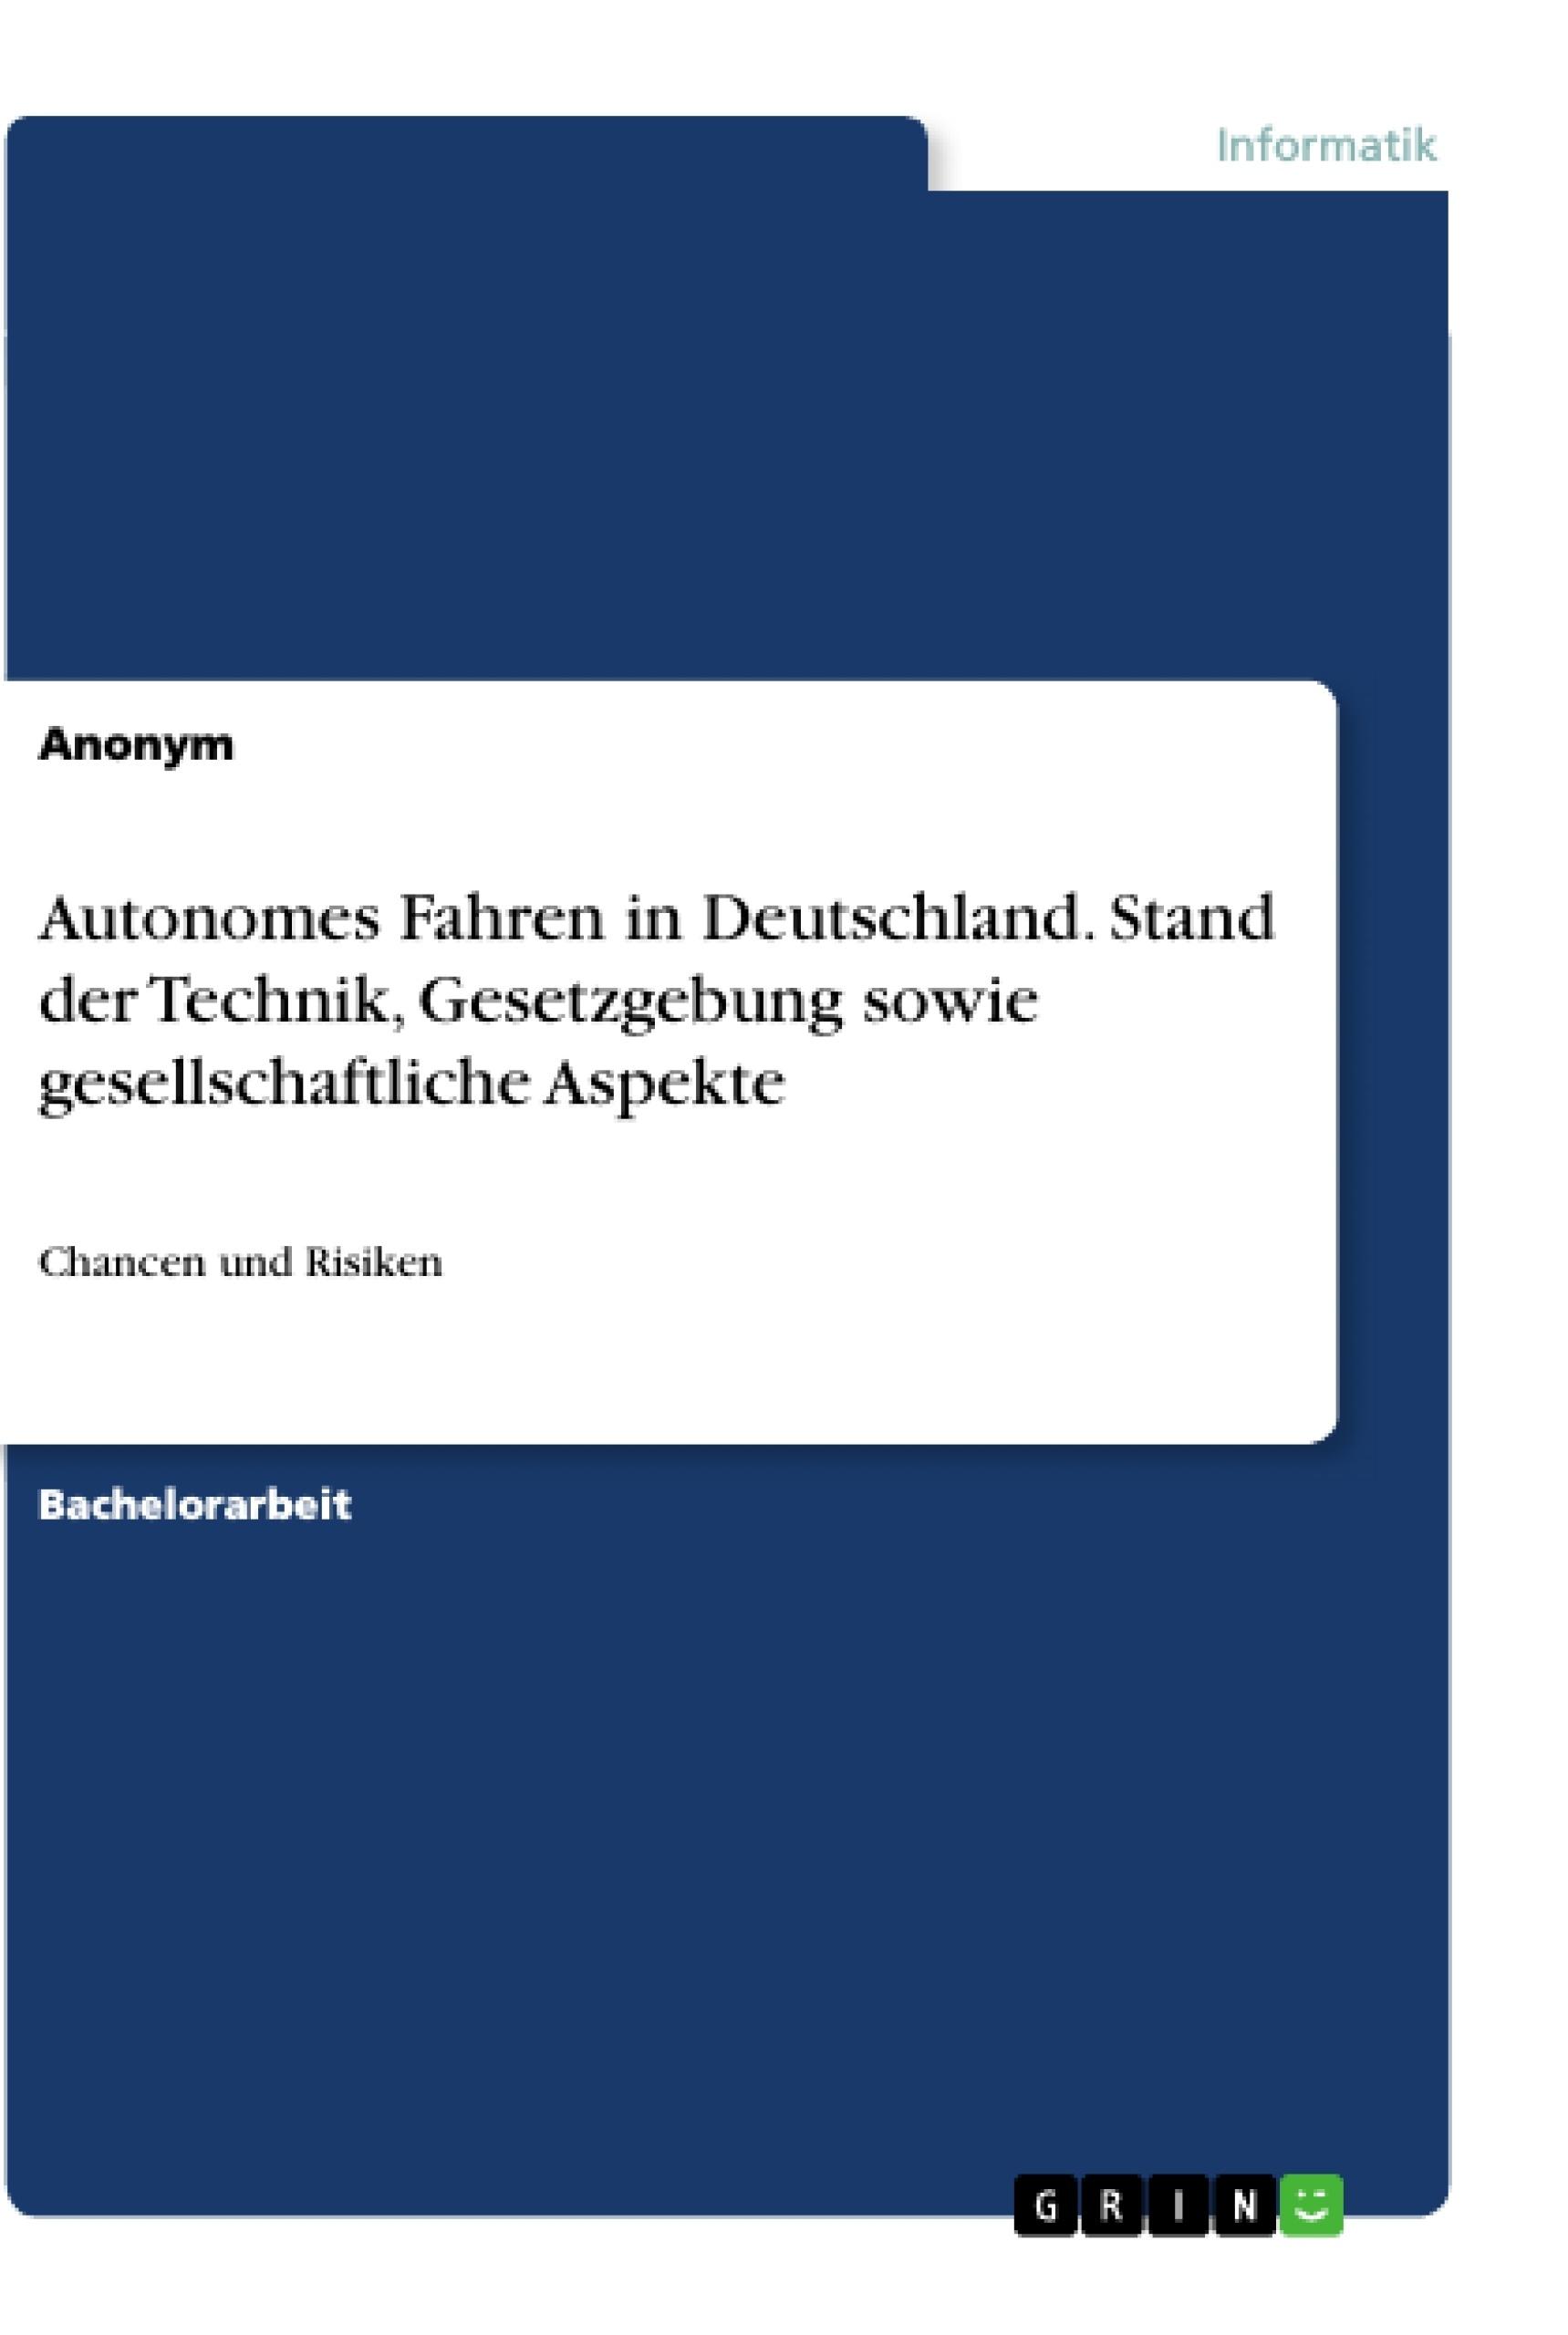 Titel: Autonomes Fahren in Deutschland. Stand der Technik, Gesetzgebung sowie gesellschaftliche Aspekte